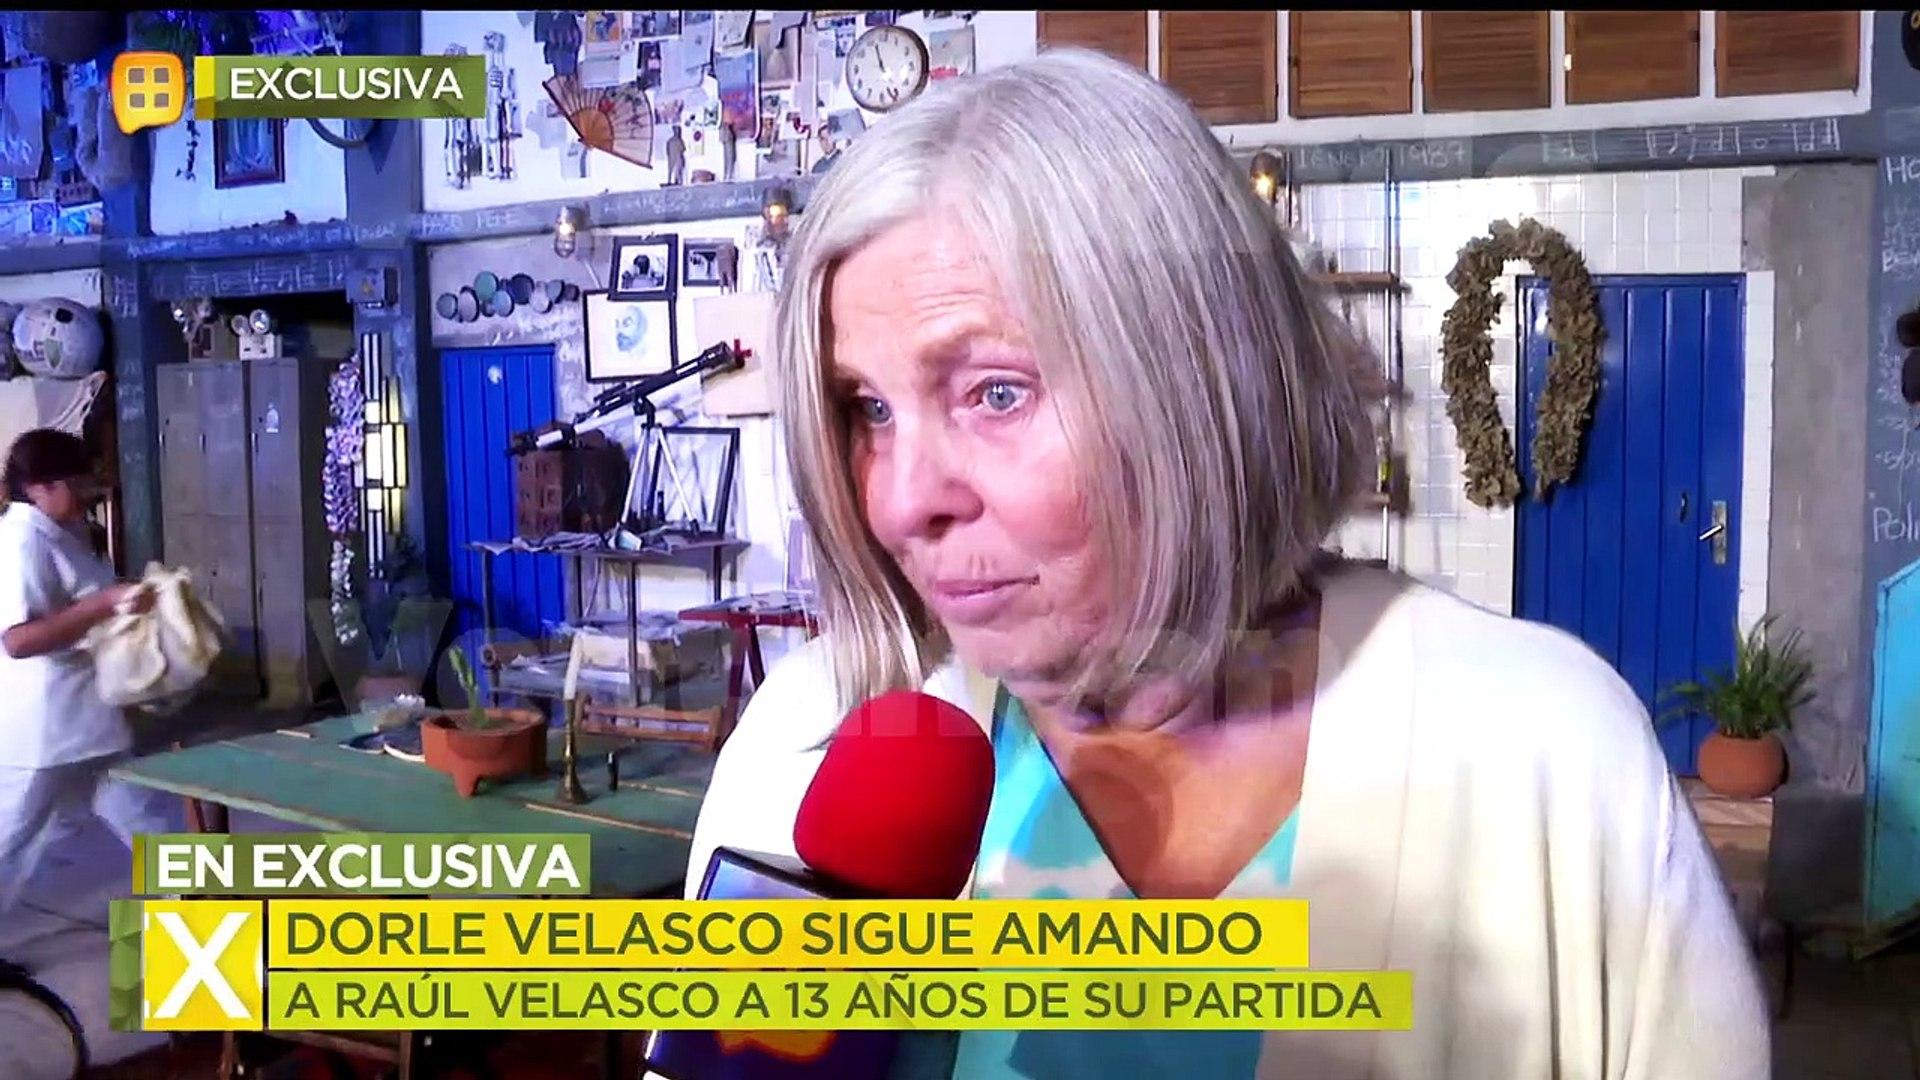 ¡A 13 años del fallecimiento de Raúl Velasco, su viuda lo sigue amando y extrañando! | Ventaneando